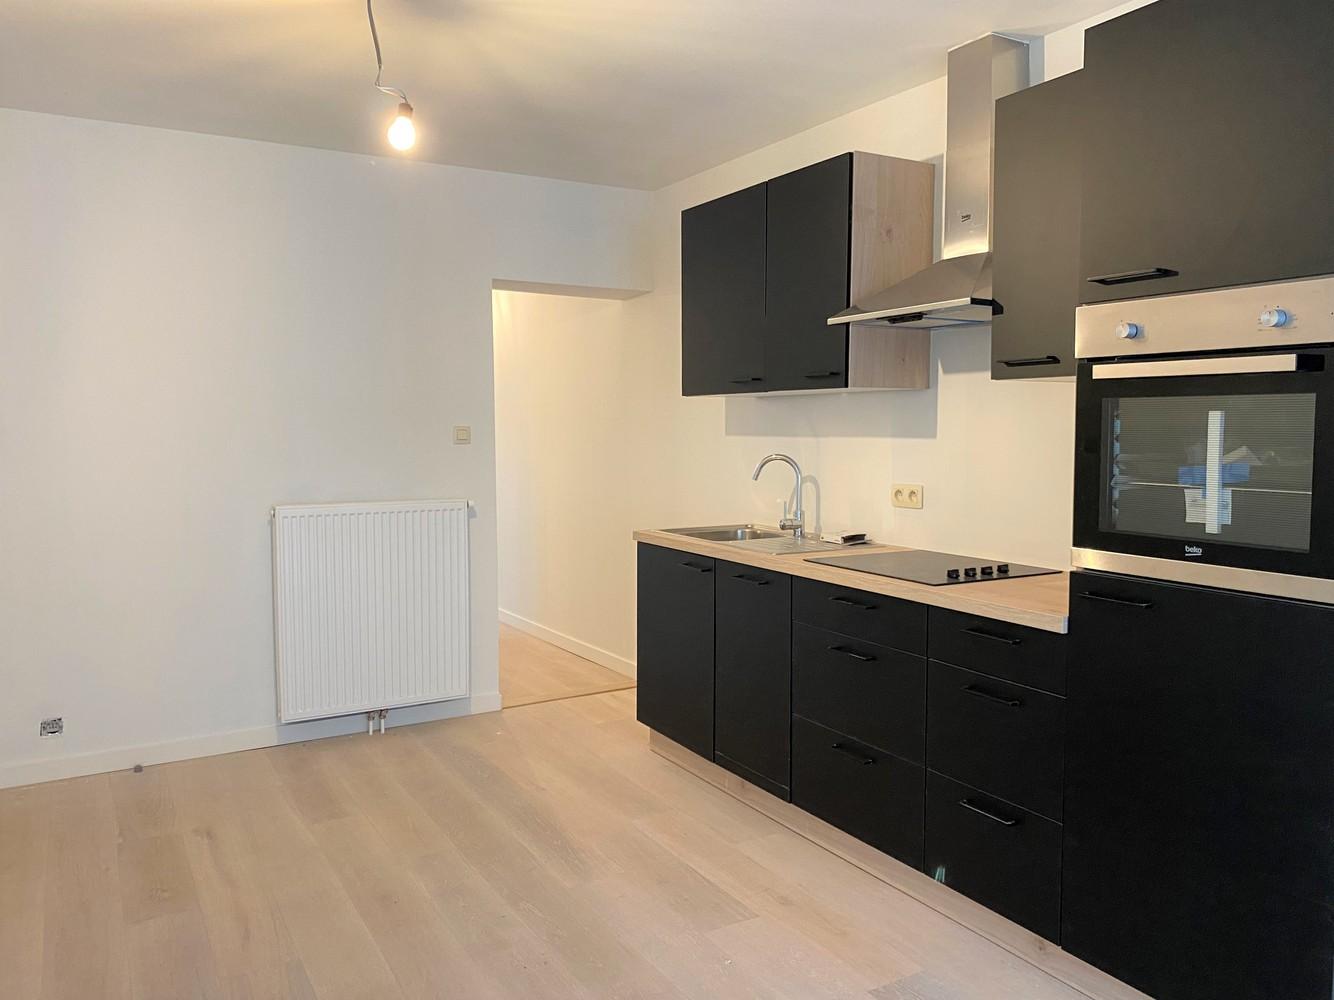 Volledig gerenoveerd appartement met 2 slk op centrale locatie in Borgerhout afbeelding 6